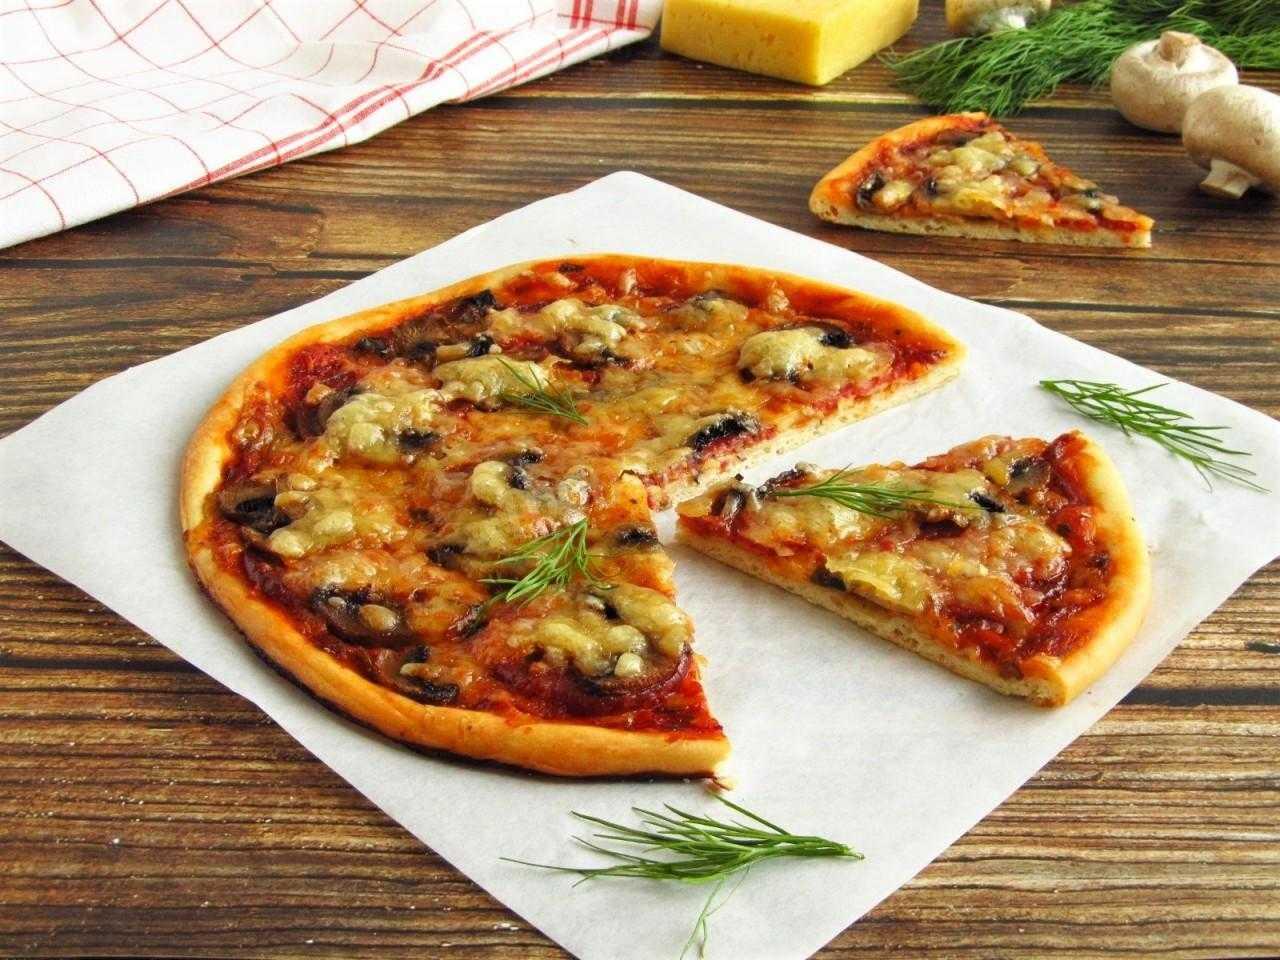 Пицца с маринованными грибами - пошаговый рецепт с фото